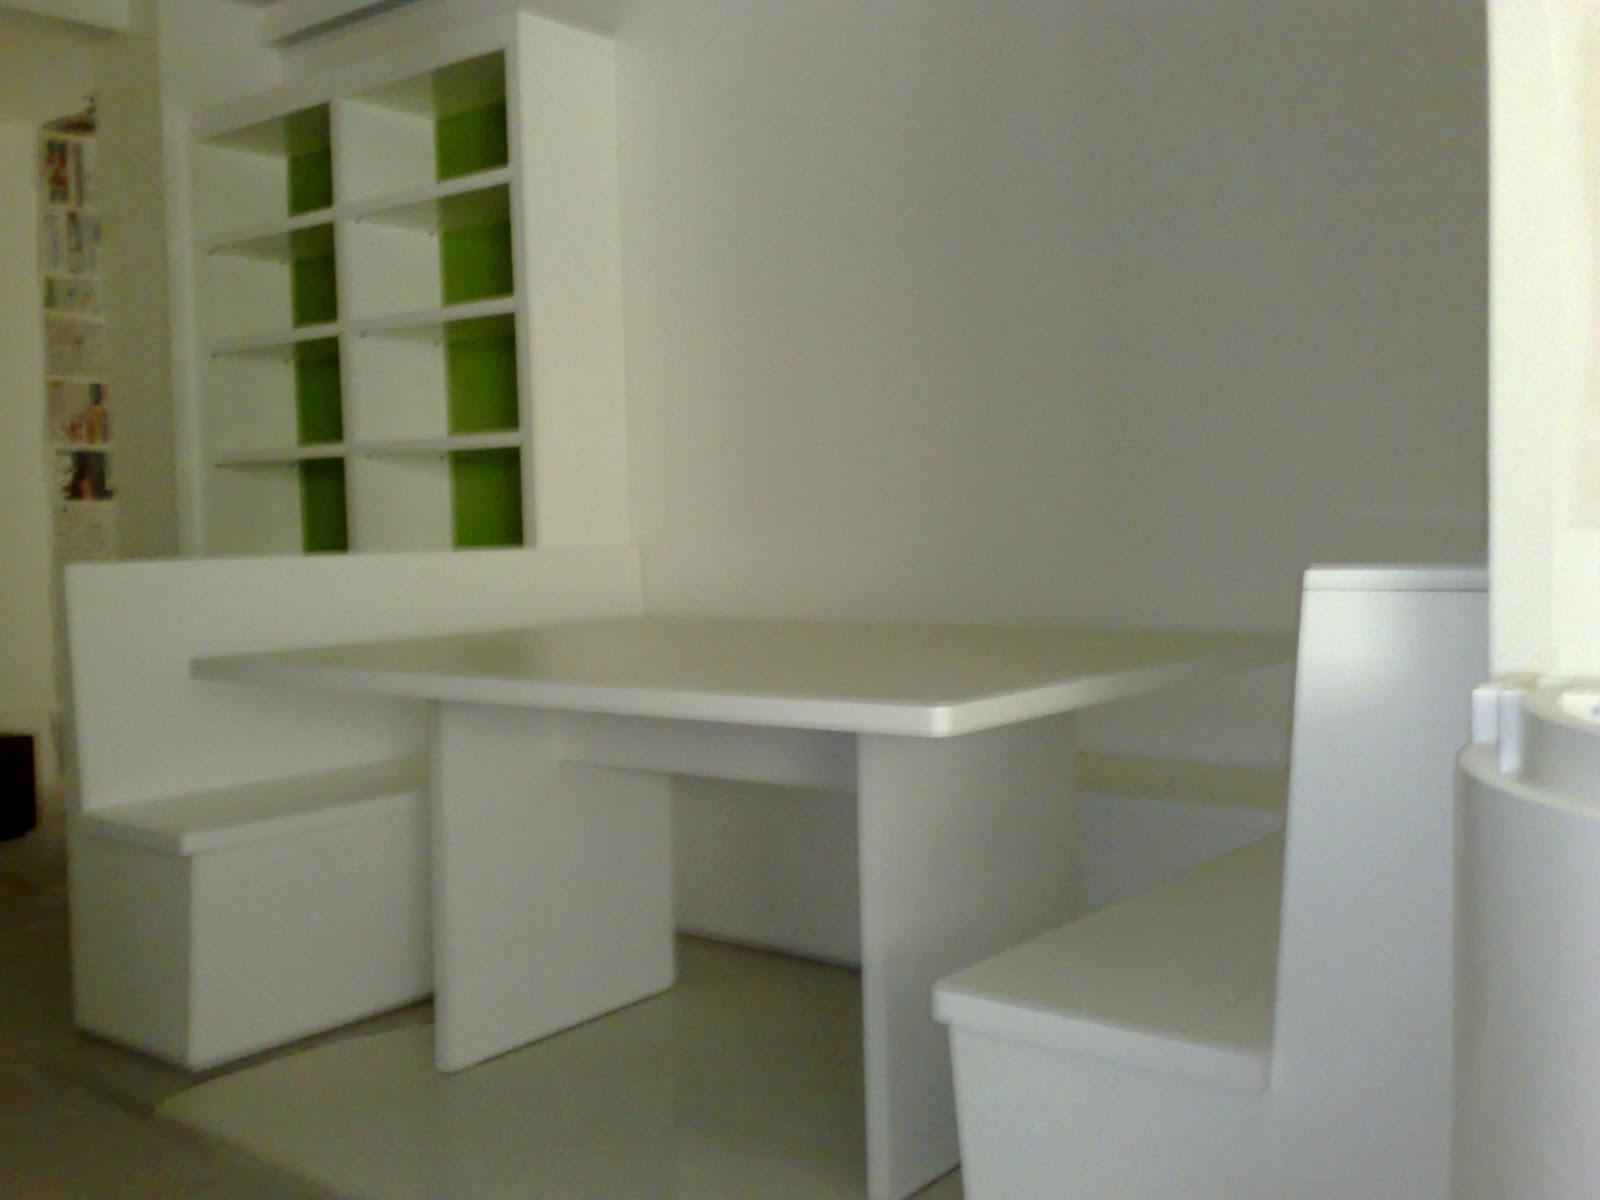 Amoblamientos cj mesa de cocina con bancos y alacena - Bancos esquineros para cocina ...